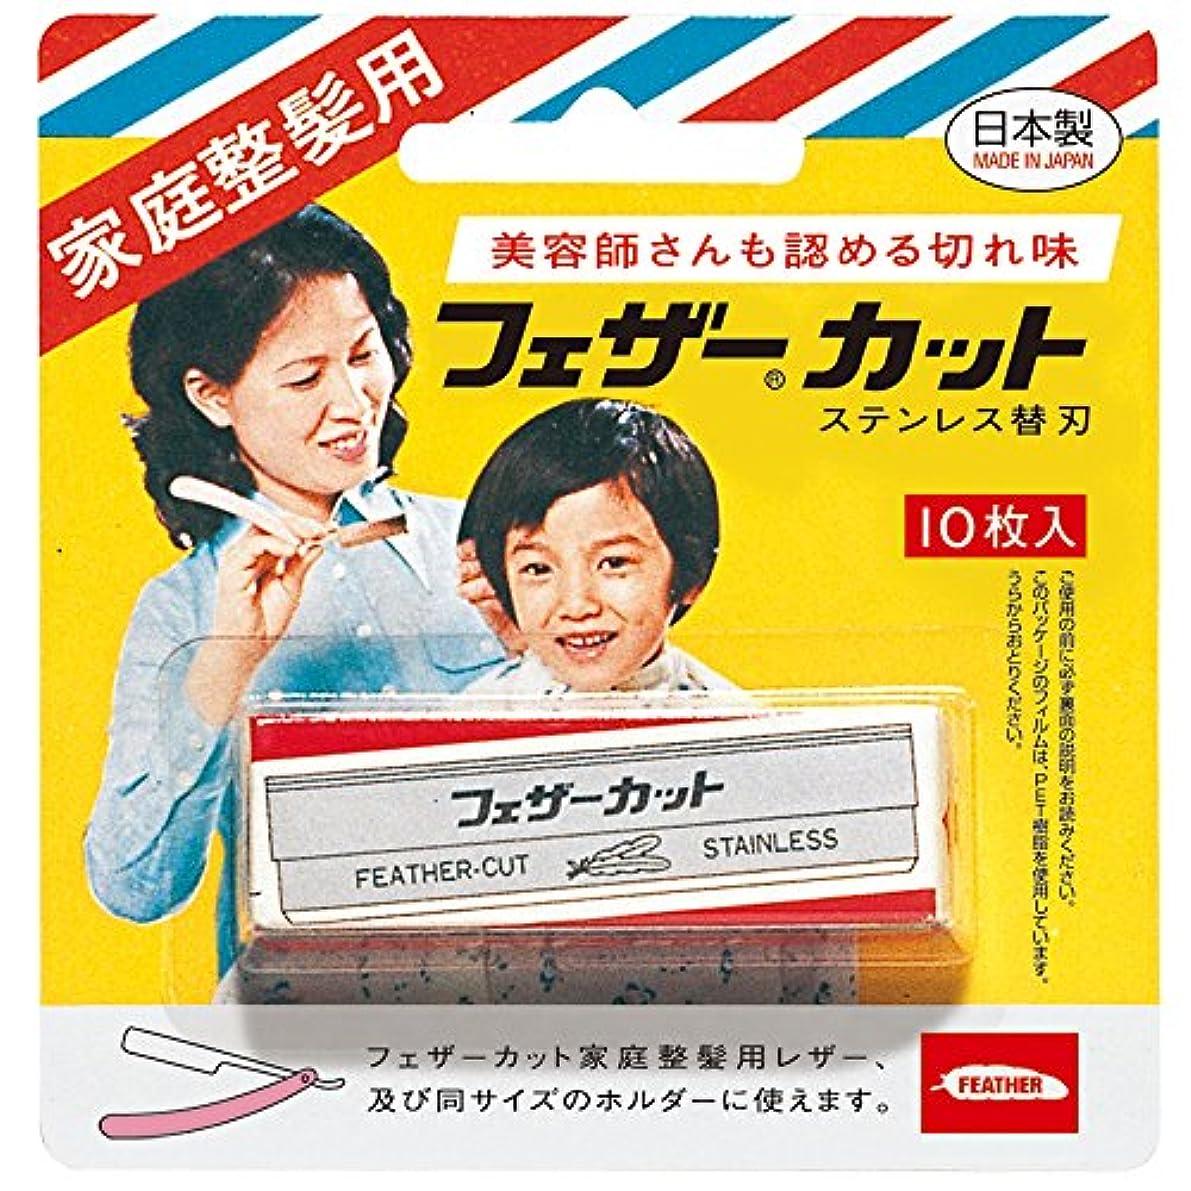 コーヒー高原海外フェザー 家庭整髪用カット 替刃 10枚入